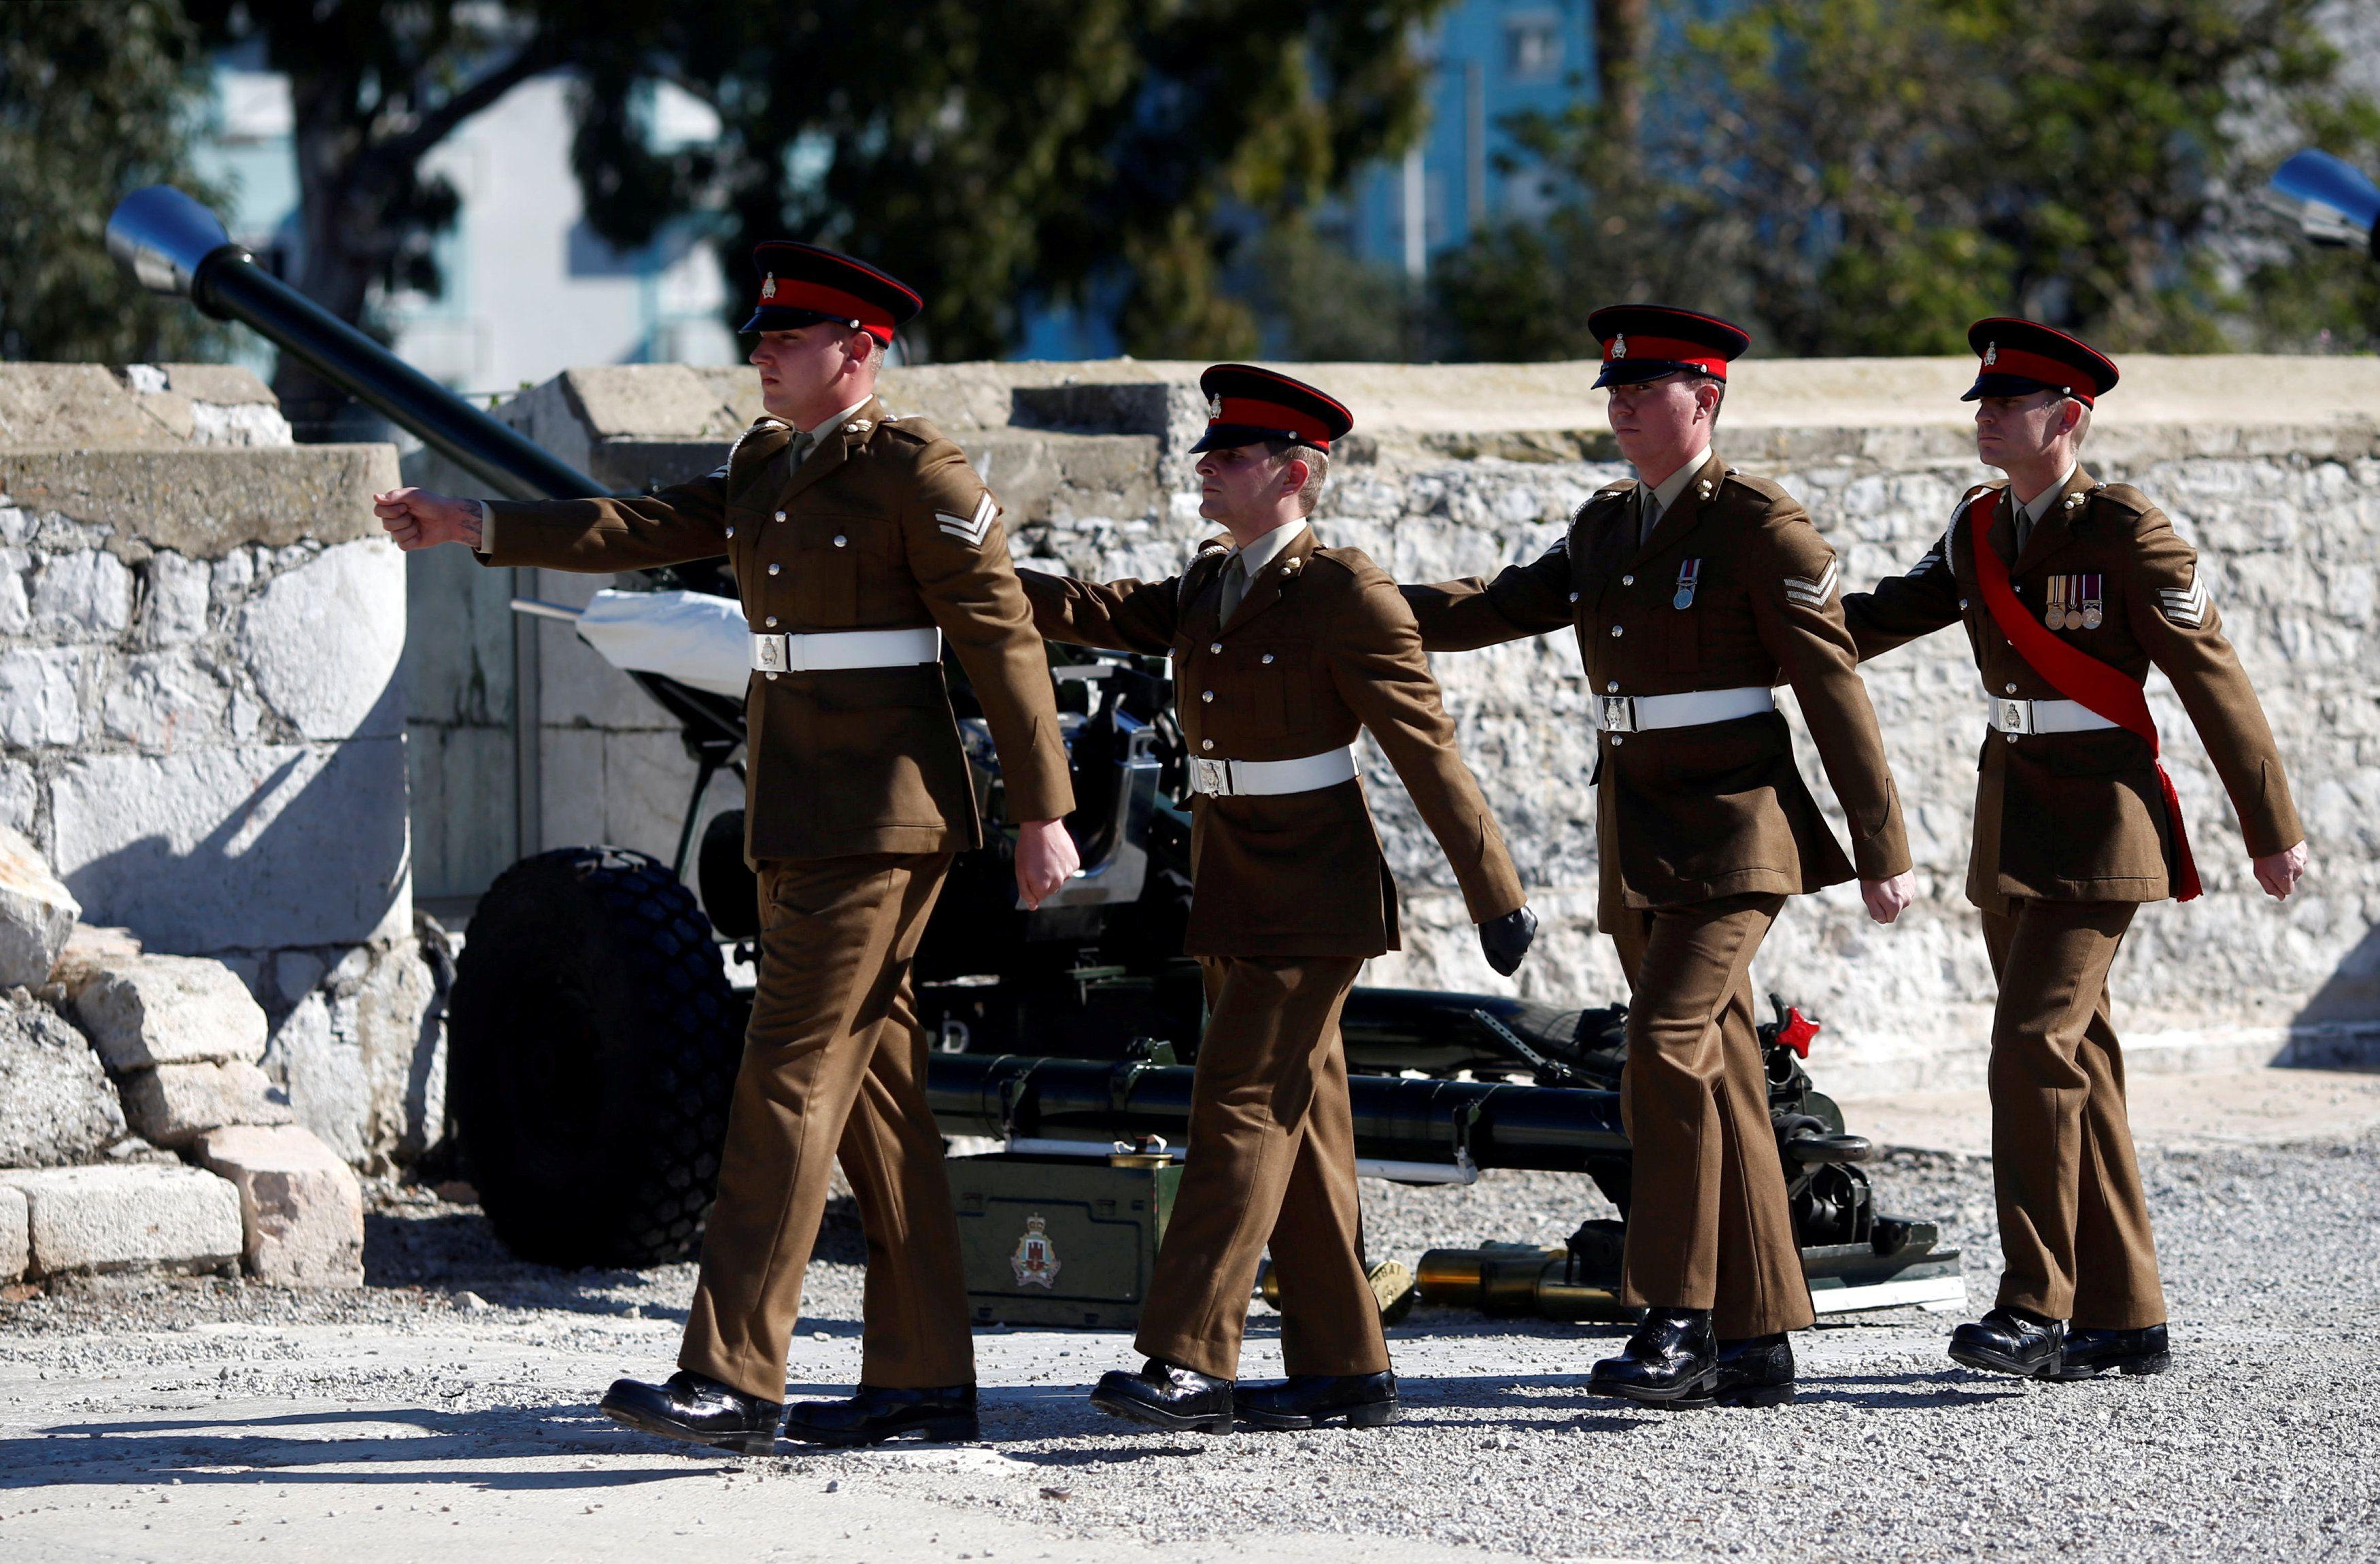 Miembros del Real Regimiento de Gibraltar marchan después de disparar una salva de 21 cañones para conmemorar el 67º aniversario de la llegada al trono de la Reina Isabel de Inglaterra, frente al Peñón en el territorio británico de ultramar históricamente reclamado por España, el 6 de febrero de 2019 (REUTERS/Jon Nazca/File Photo)